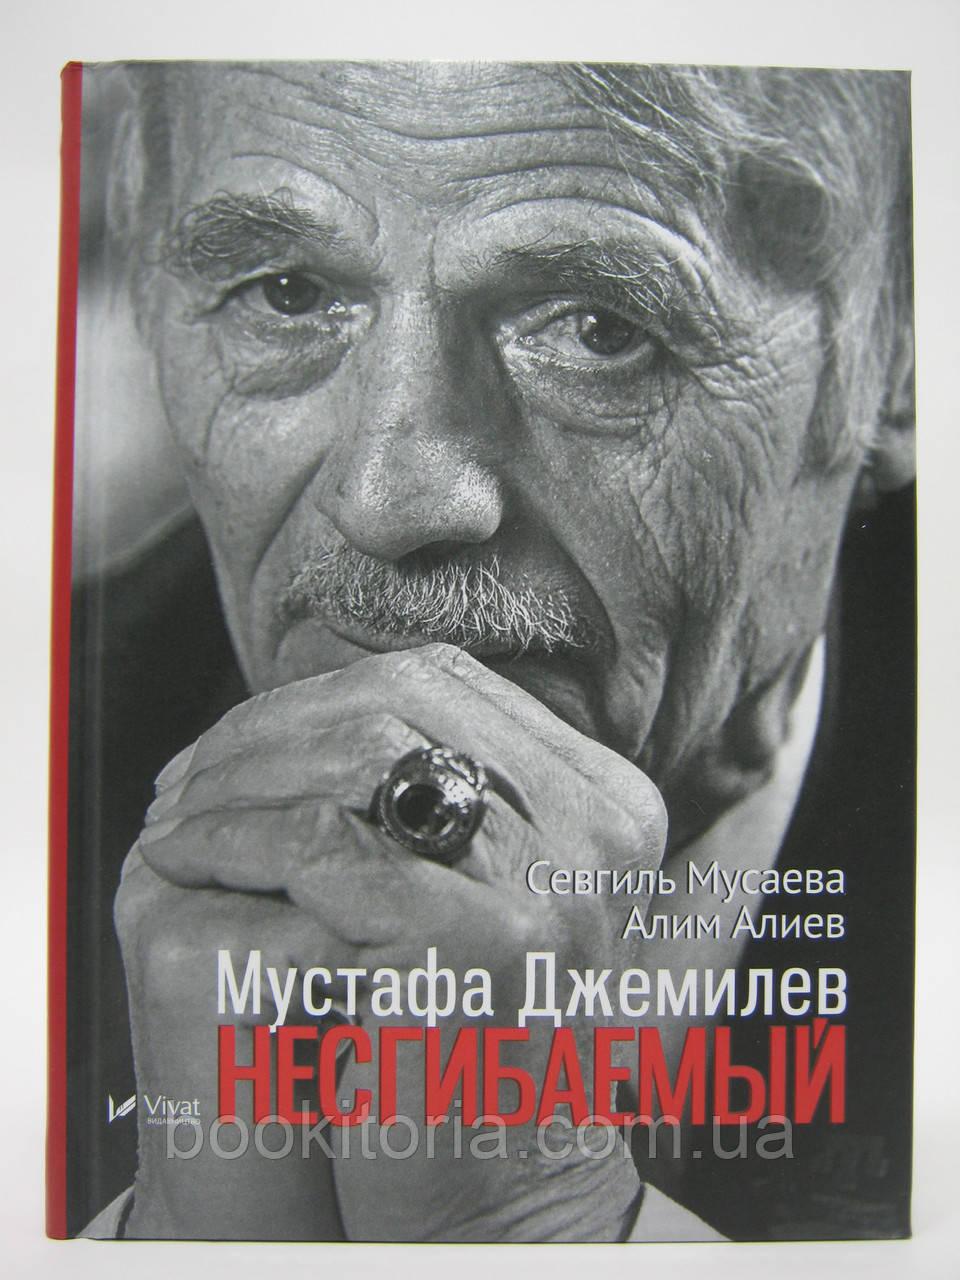 Мусаева С., Алиев А. Мустафа Джемилев. Несгибаемый.